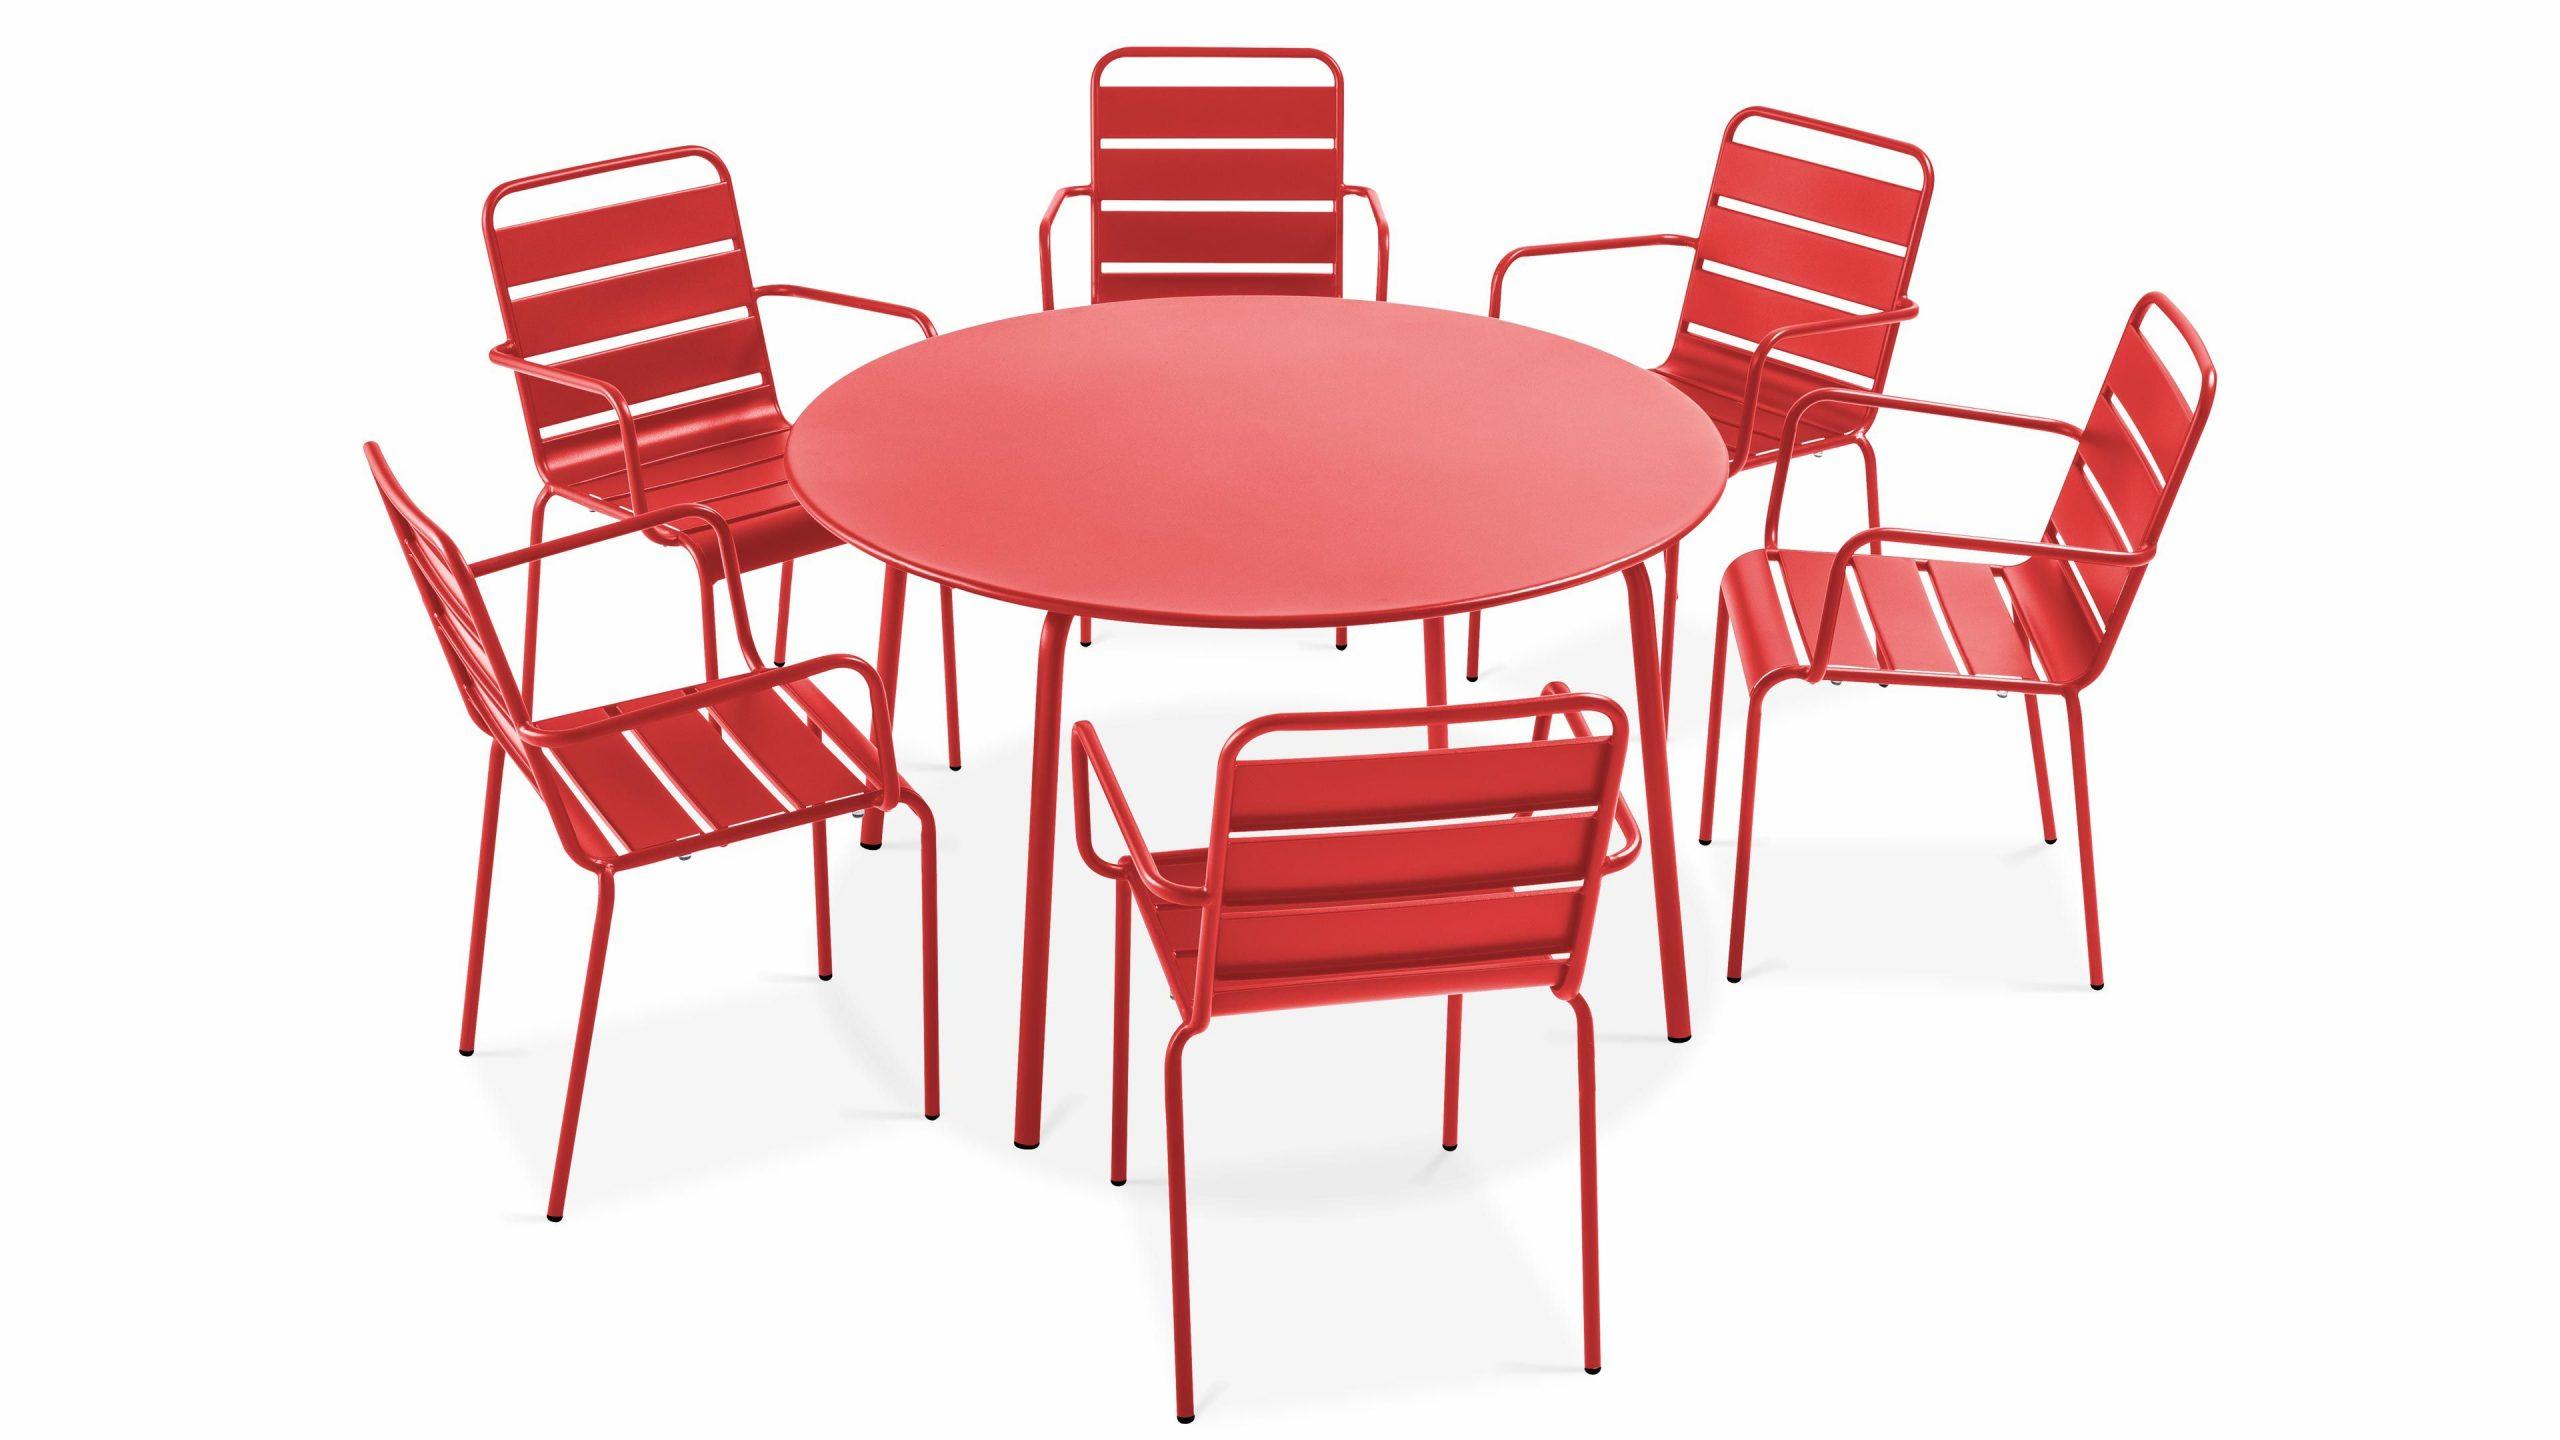 Table Jardin Ronde Grise 6 Places En Métal dedans Table Ronde Jardin Pas Cher